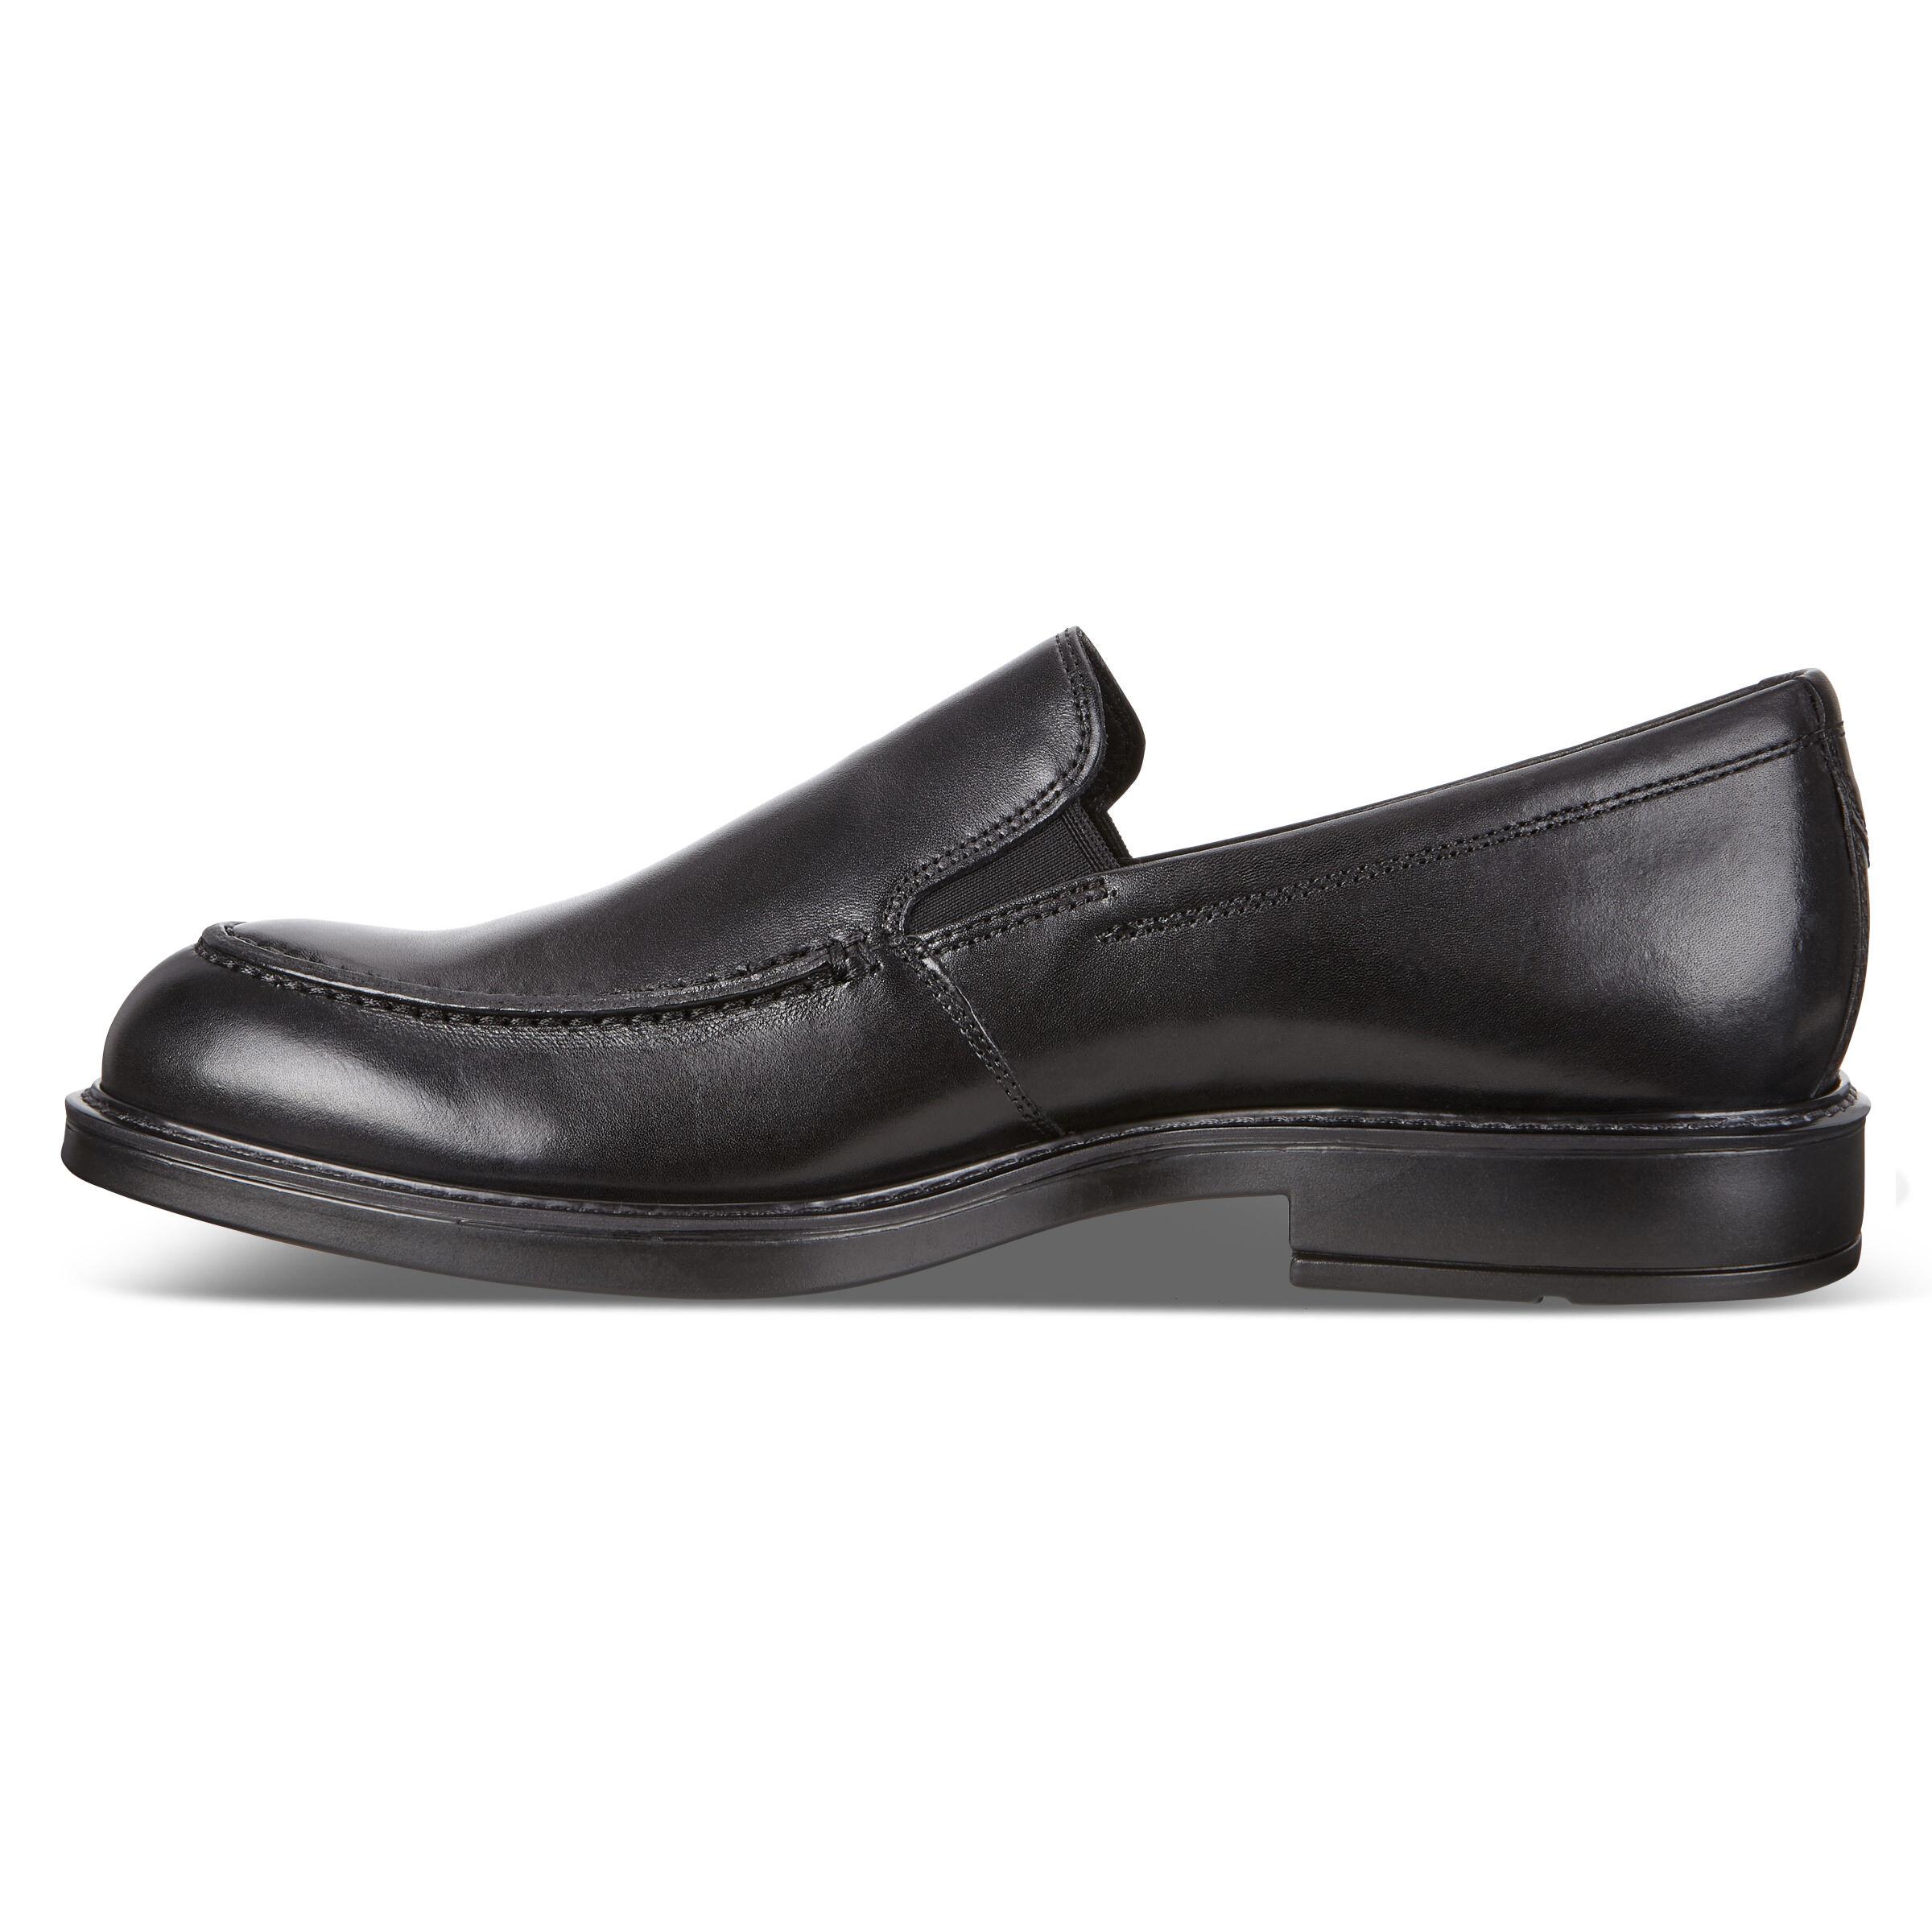 Men's Dress Shoes | ECCO® Shoes